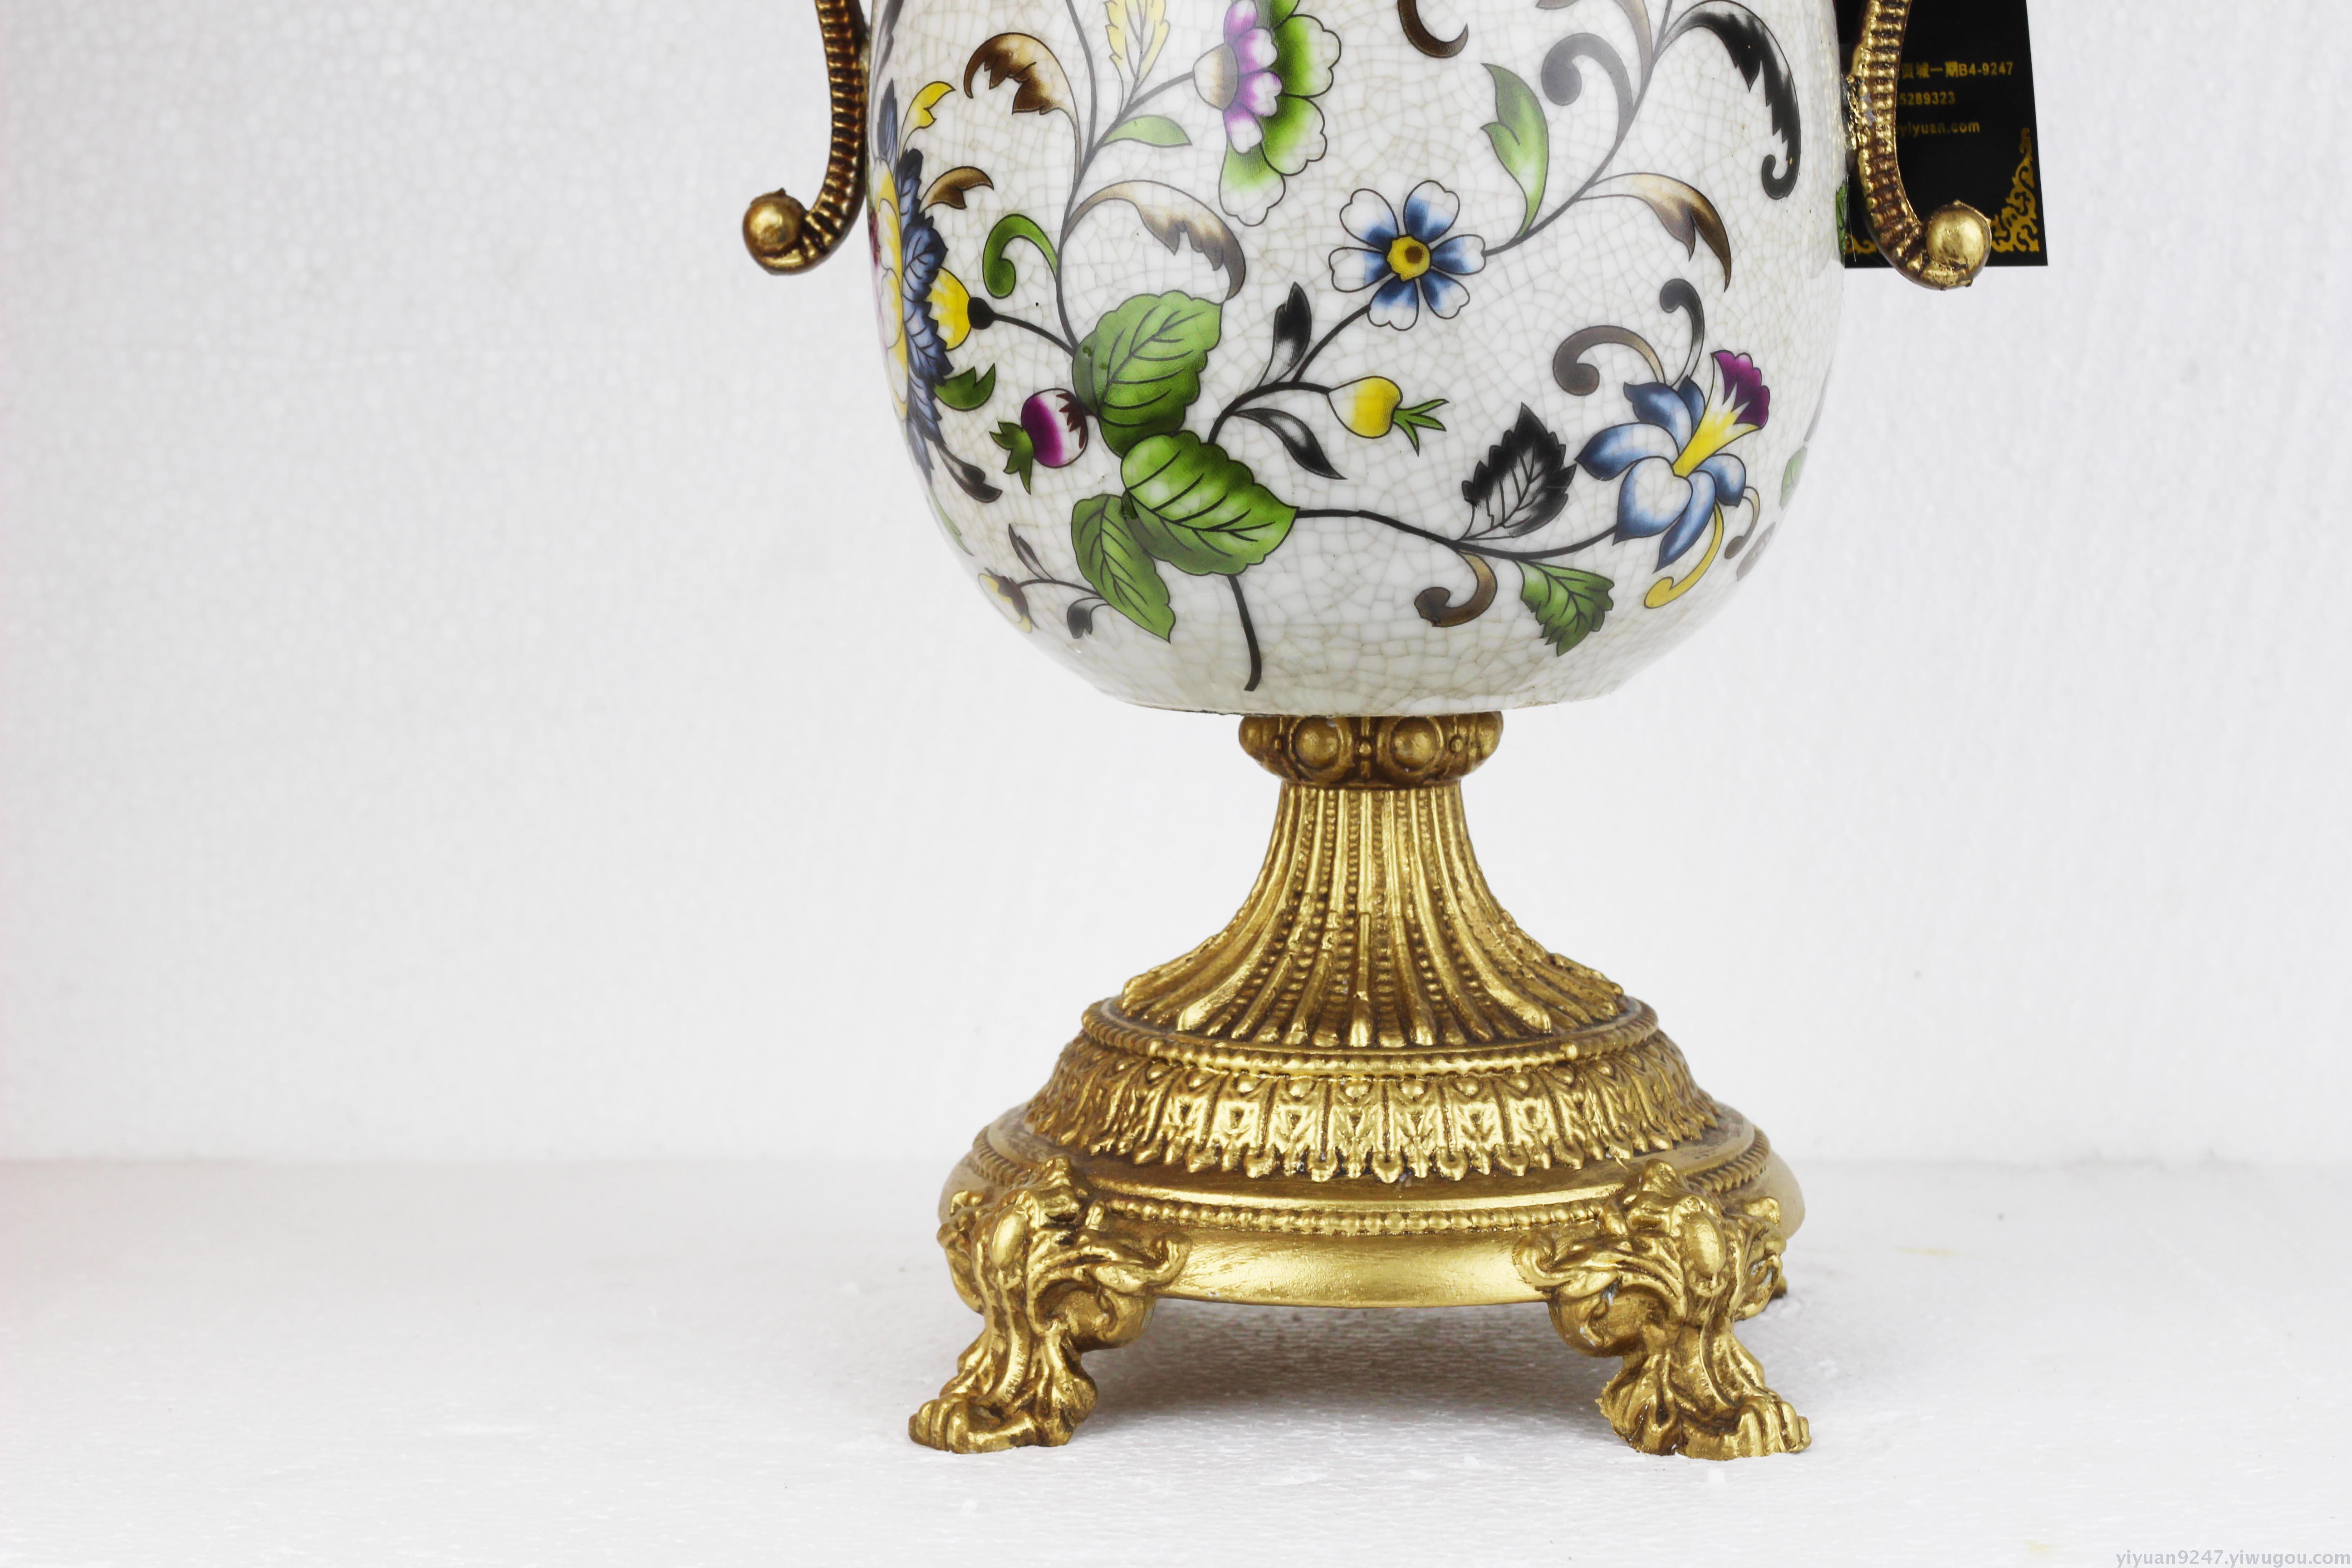 欧式宫廷复古奢华客厅摆件 玄关花瓶彩绘陶瓷合金摆件